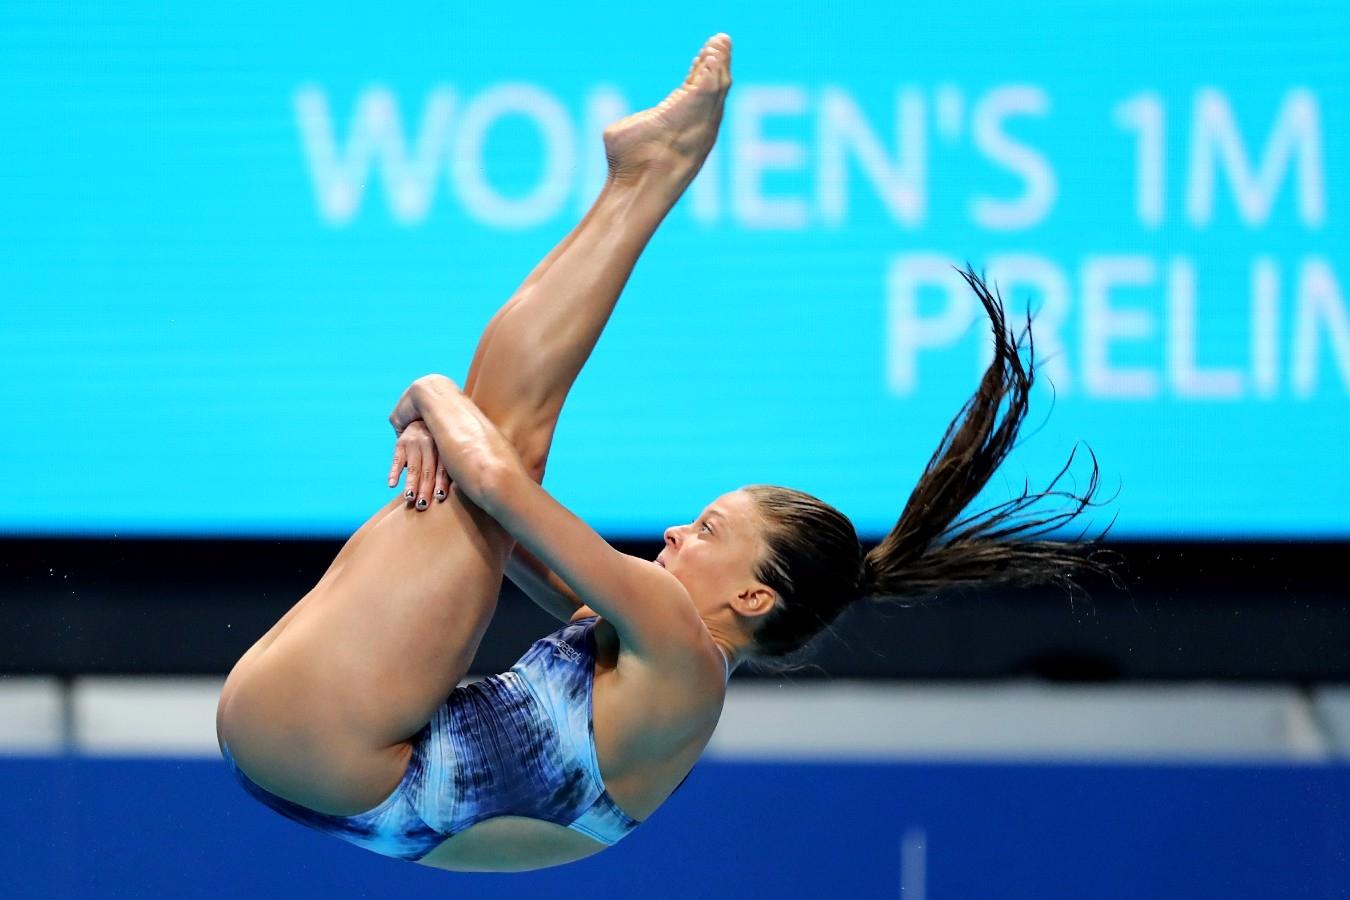 Luana Lira. Campeonato Mundial de Desportos Aquaticos. Duna Arena. 14 de Julho de 2017, Hungria, Budapeste. Foto: Satiro Sodré/SSPress/CBDA